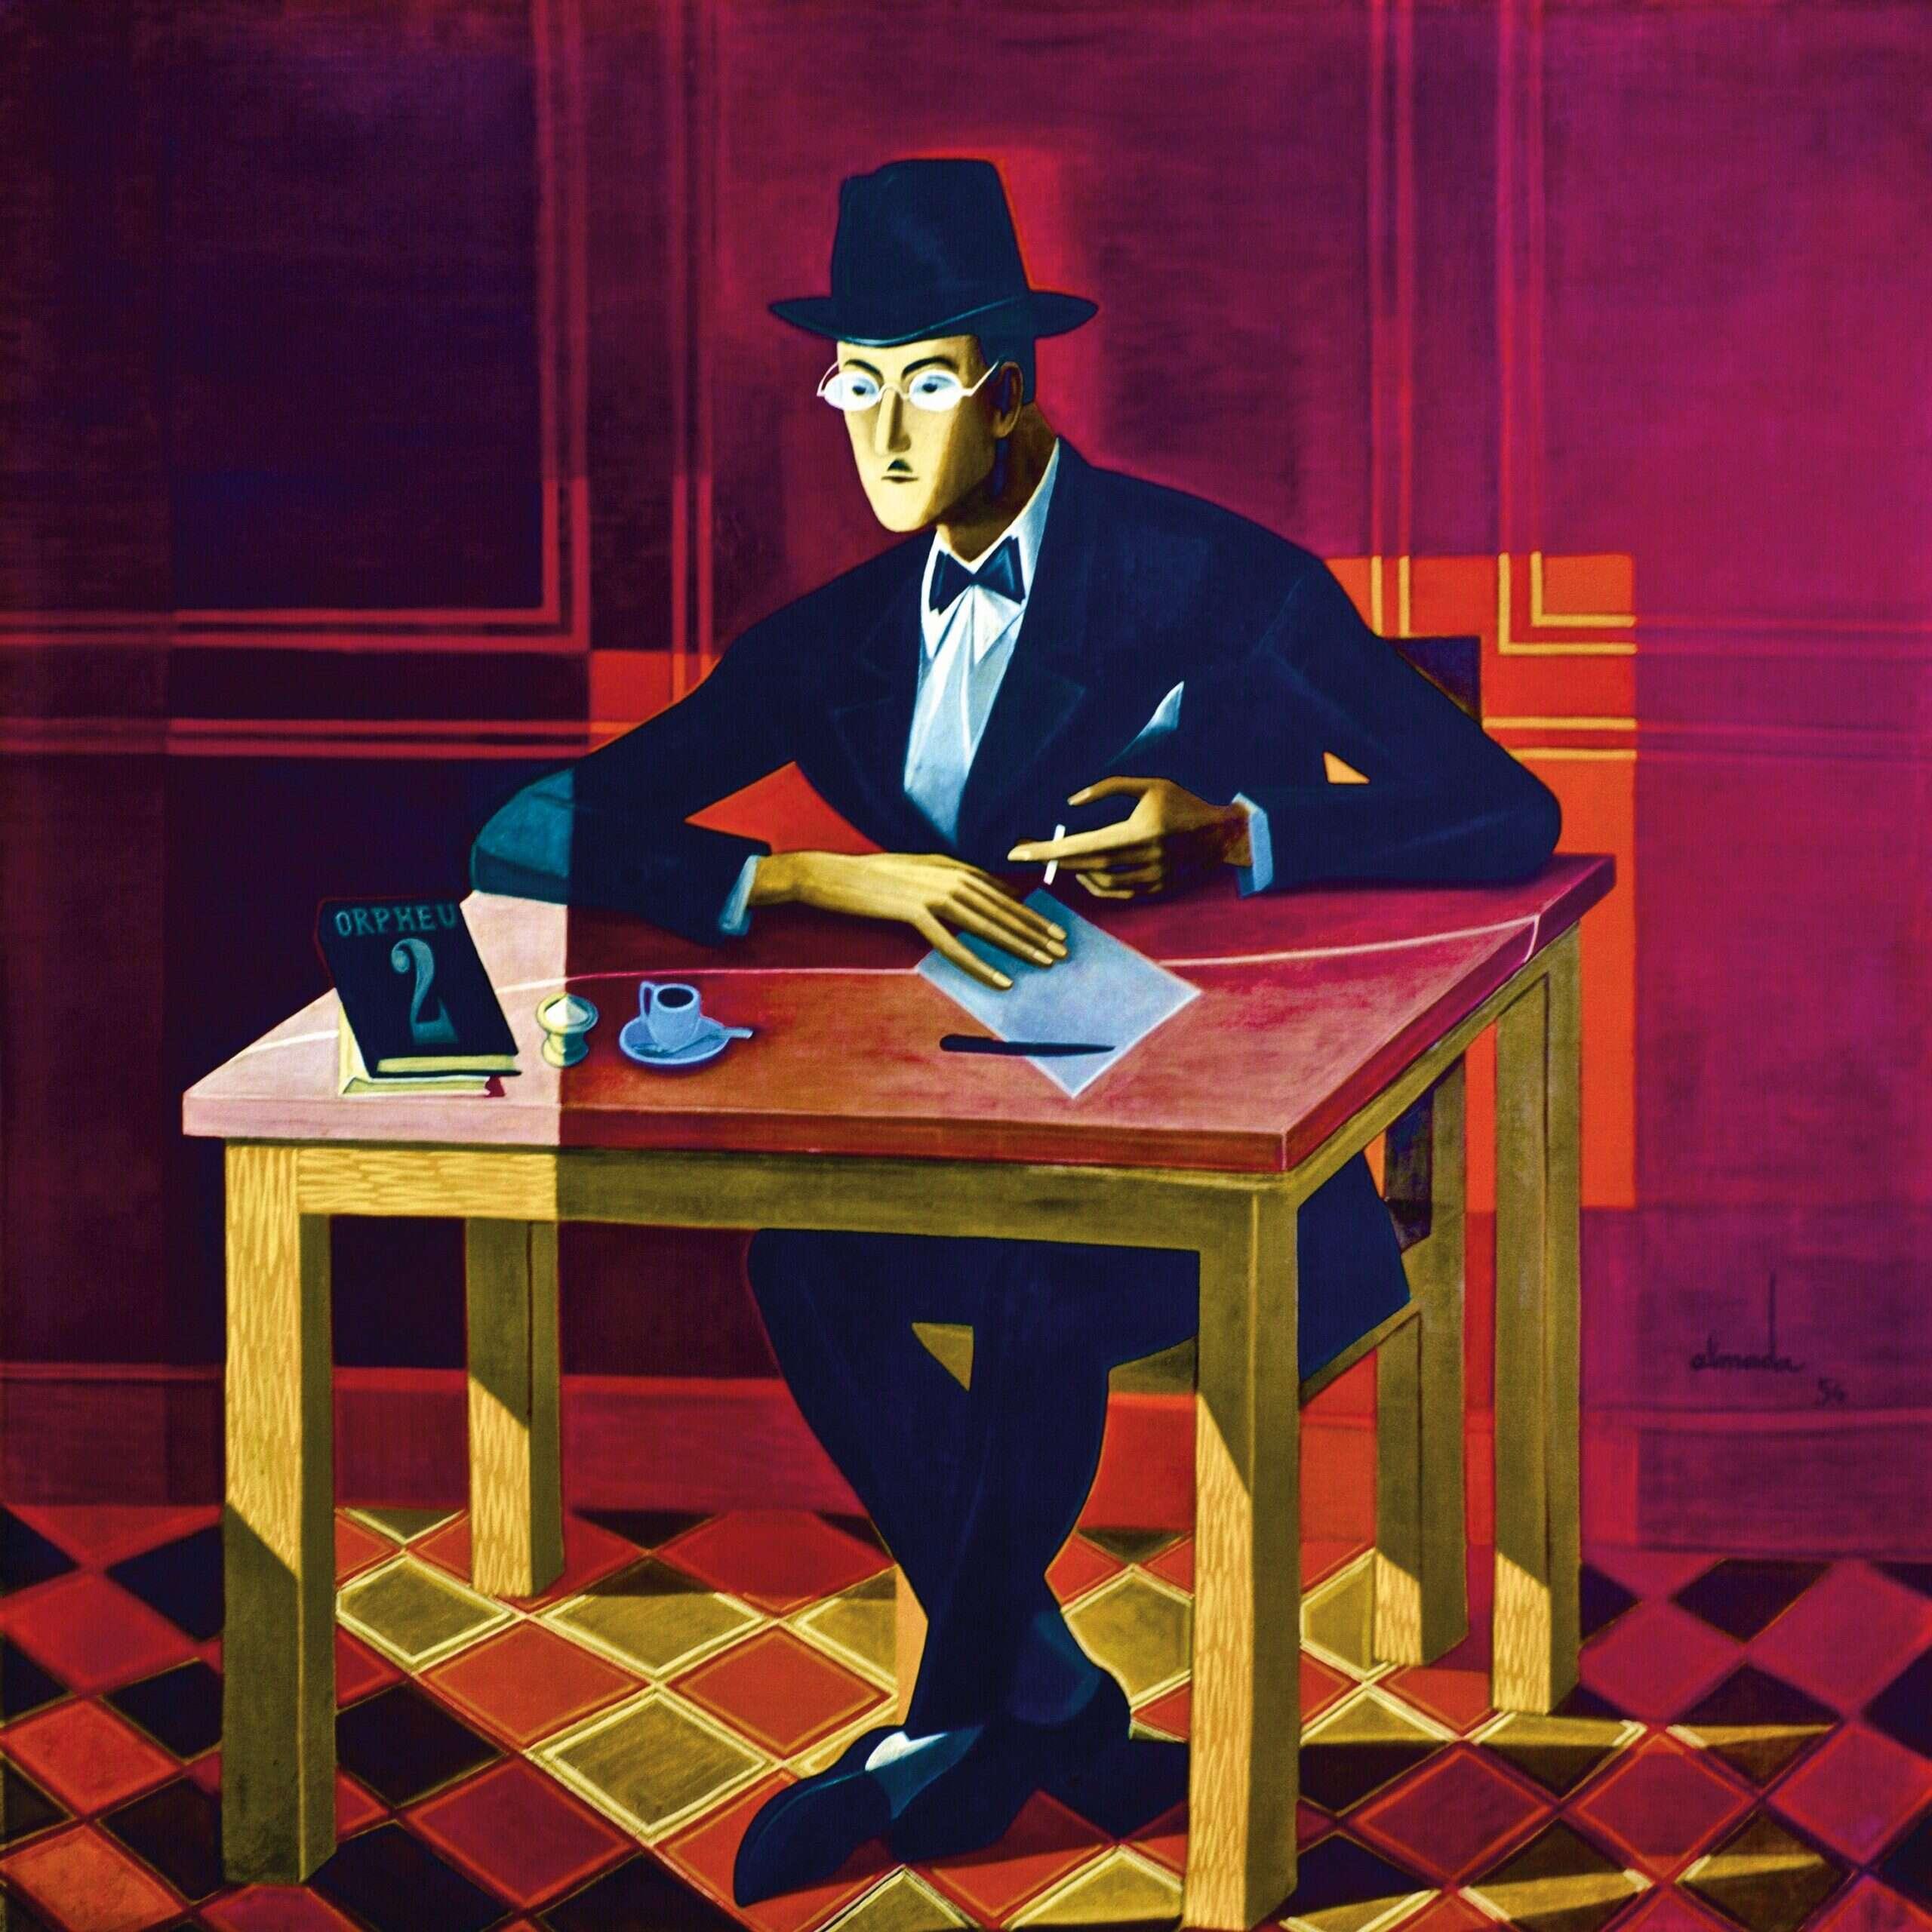 Living in Fernando Pessoa's world